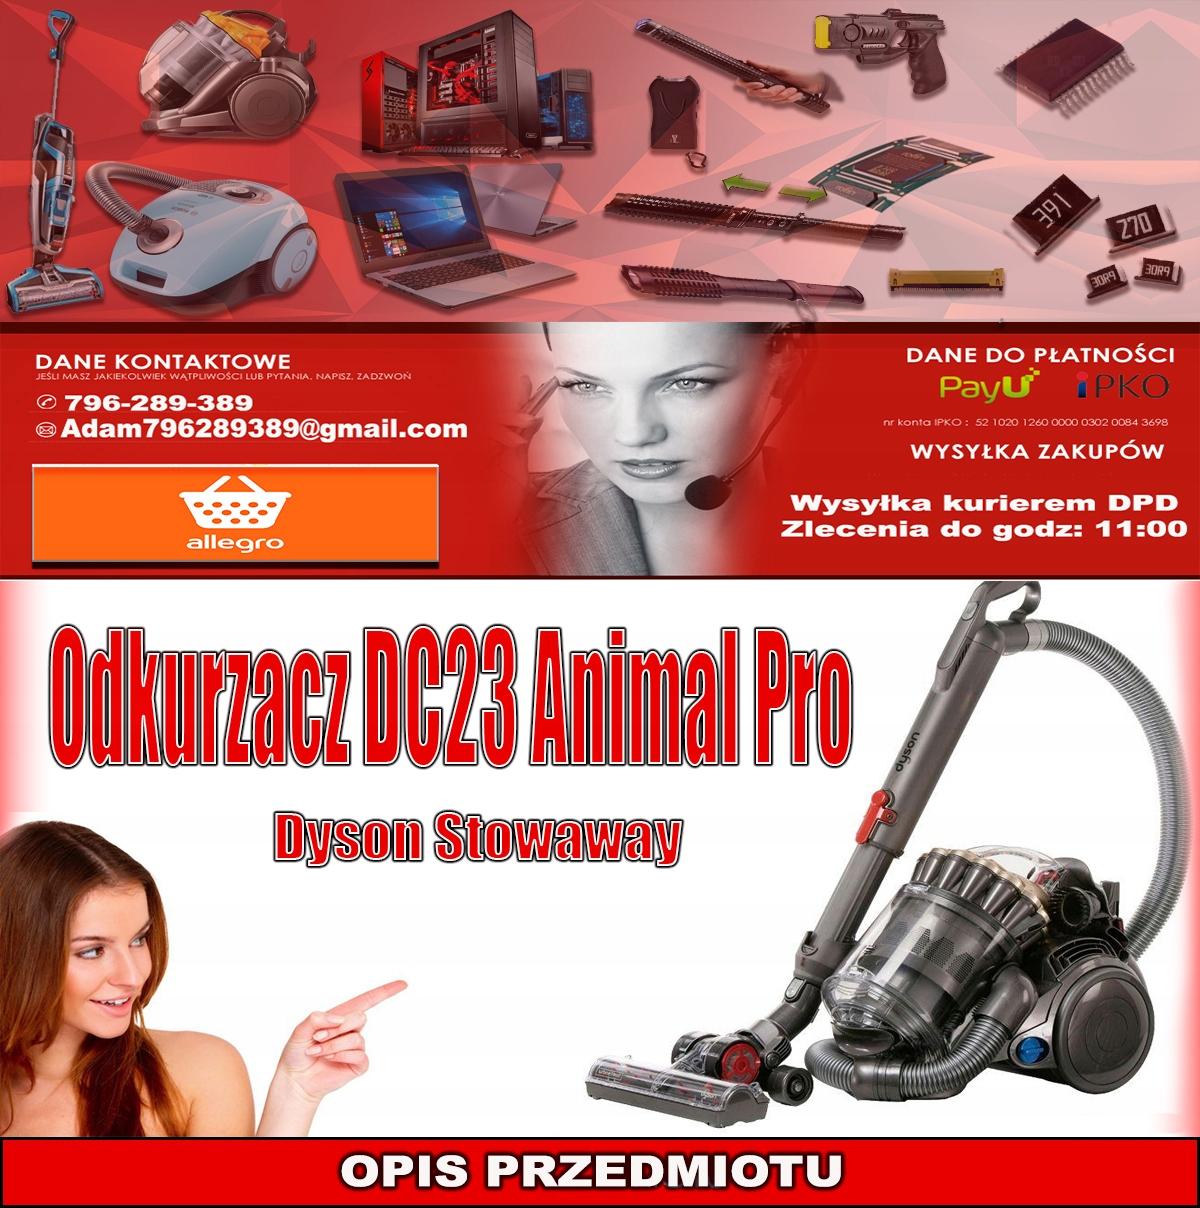 Dc23 animal pro dyson пылесос дайсон в белгороде